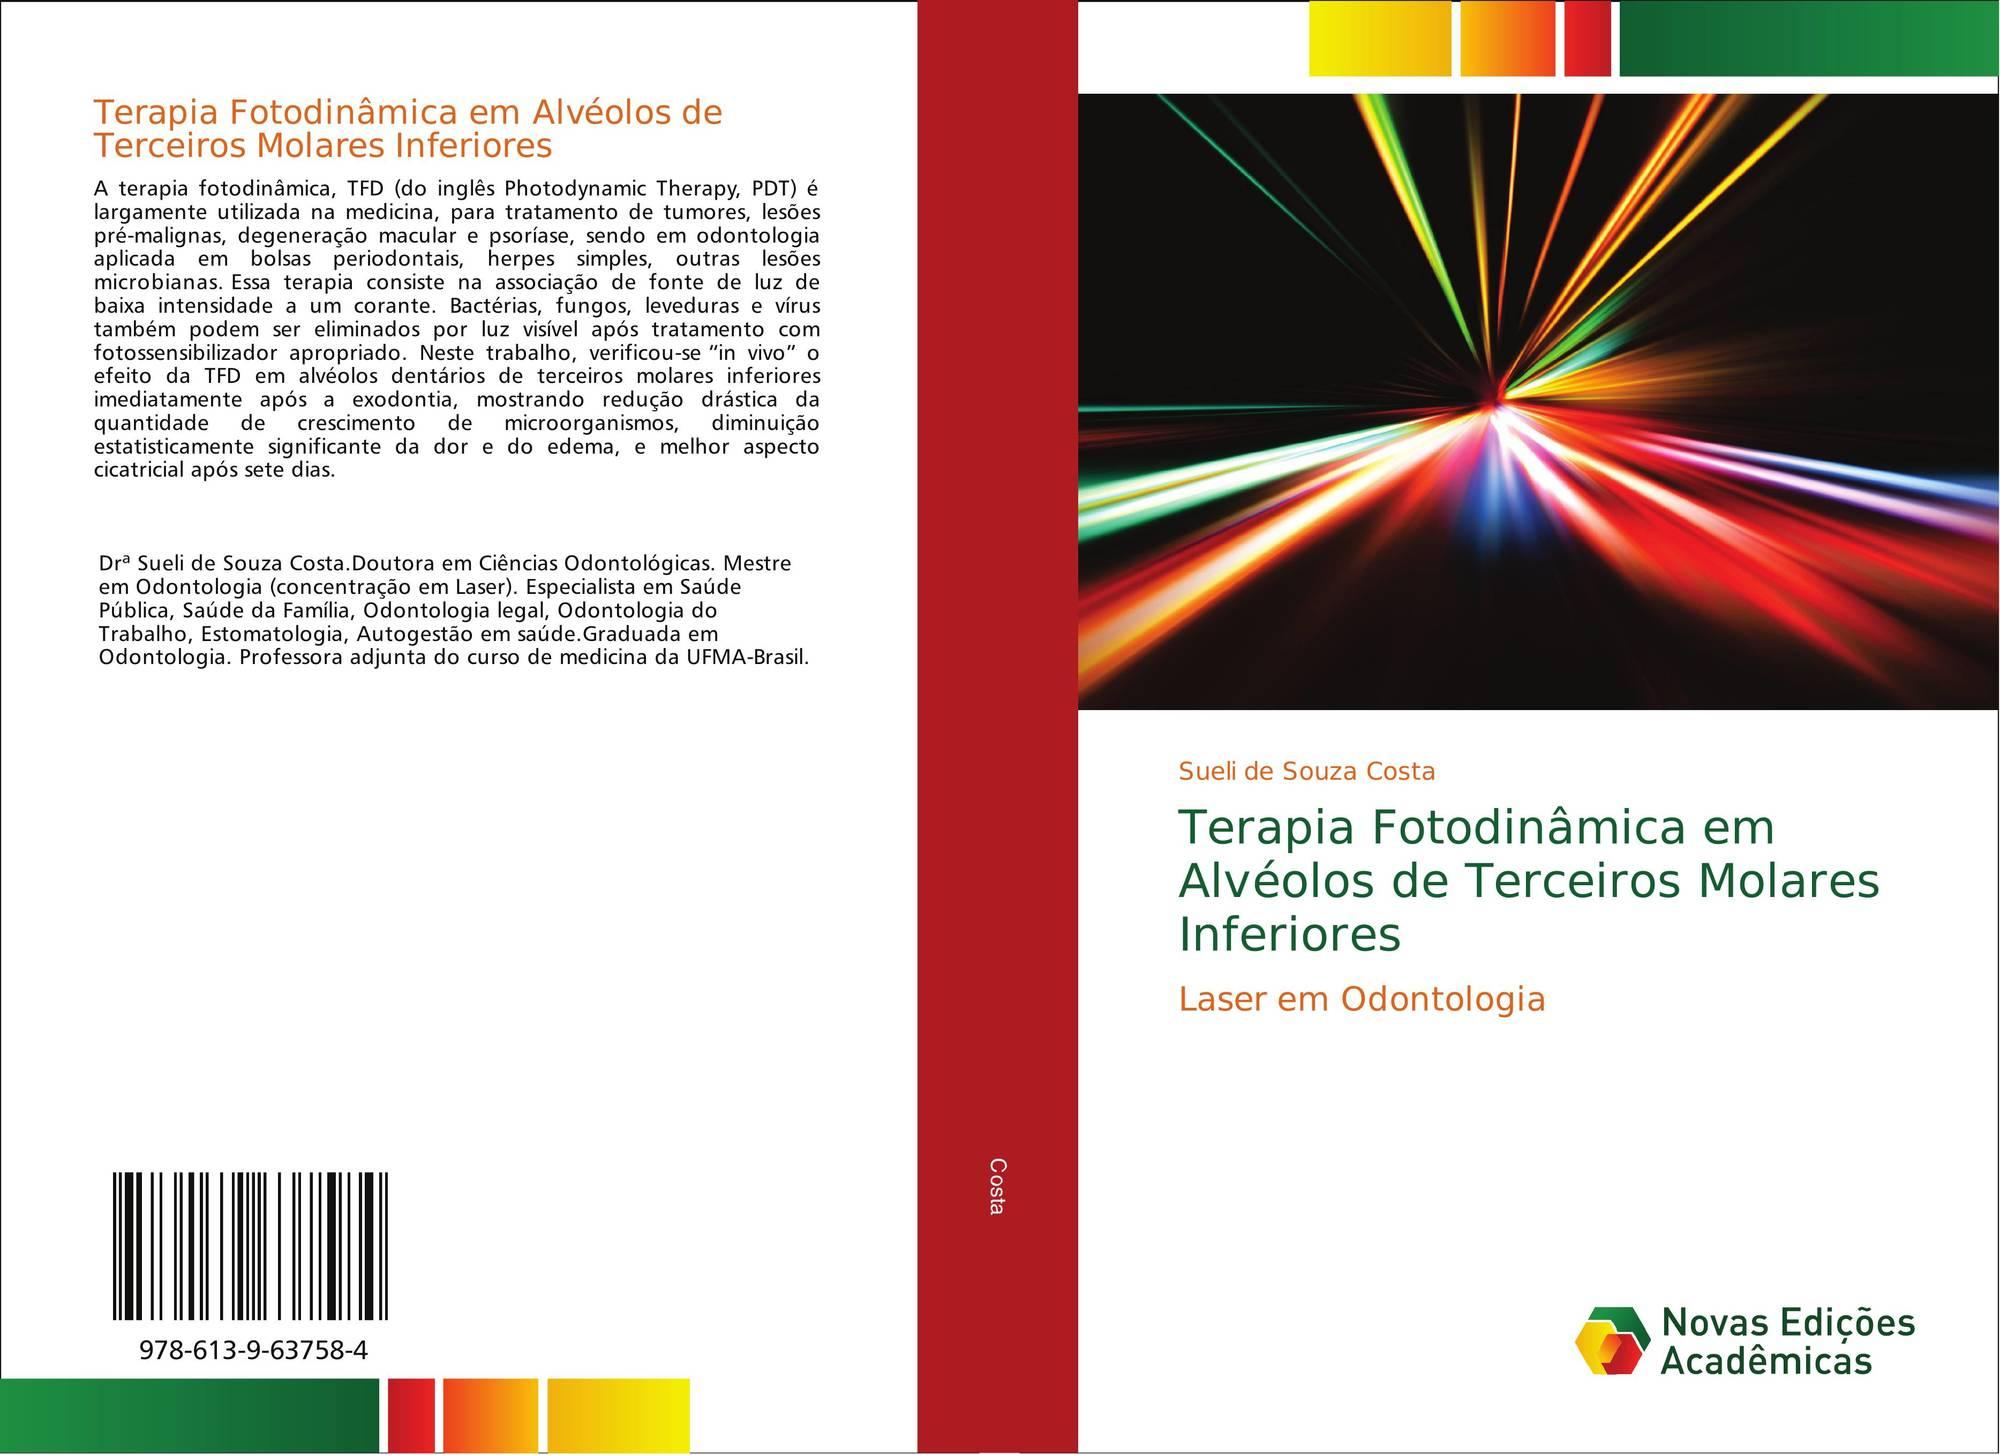 Terapia Fotodinâmica em Alvéolos de Terceiros Molares Inferiores ...